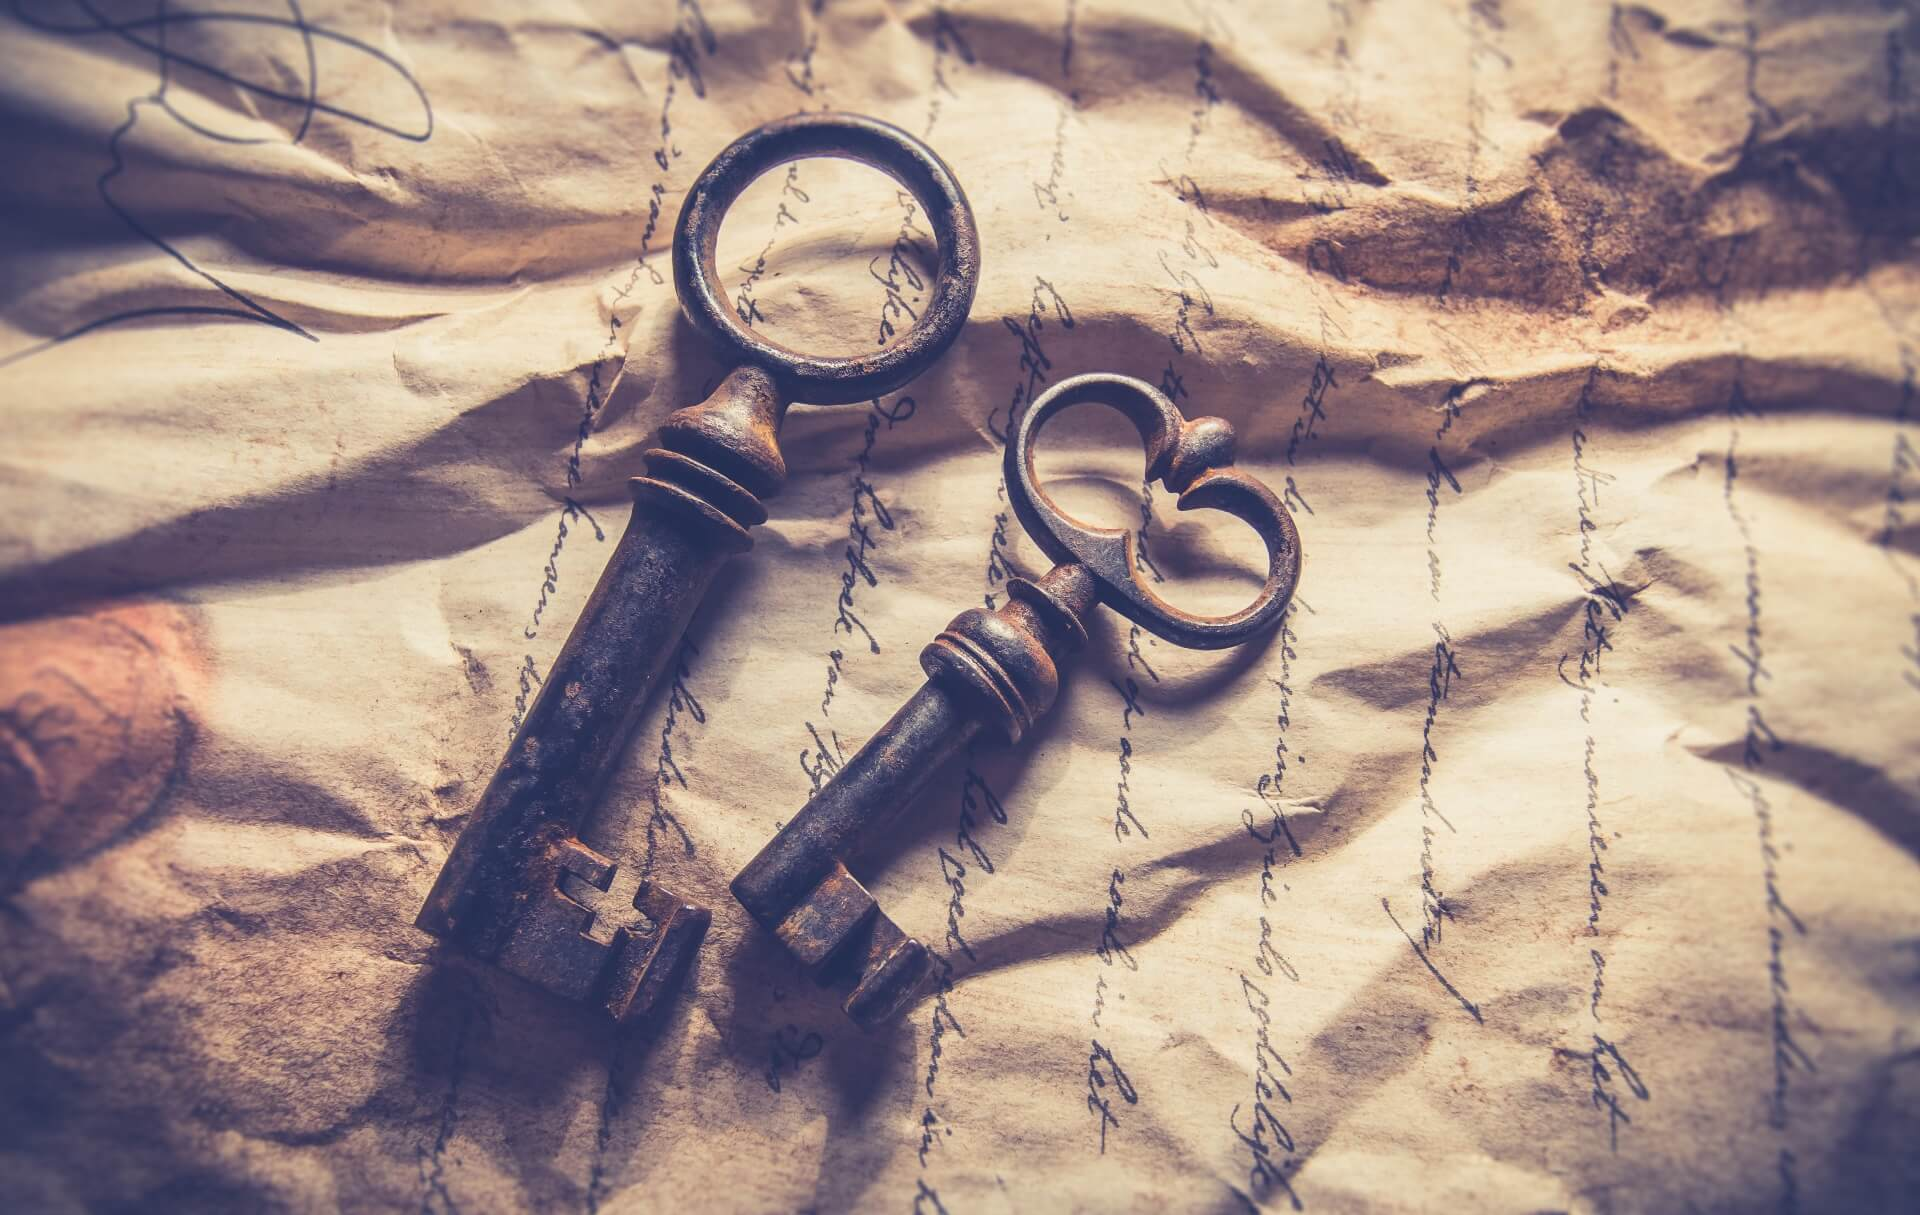 Wortschatz verbessern - Zwei Schlüssel liegen auf einem zerknitterten Brief